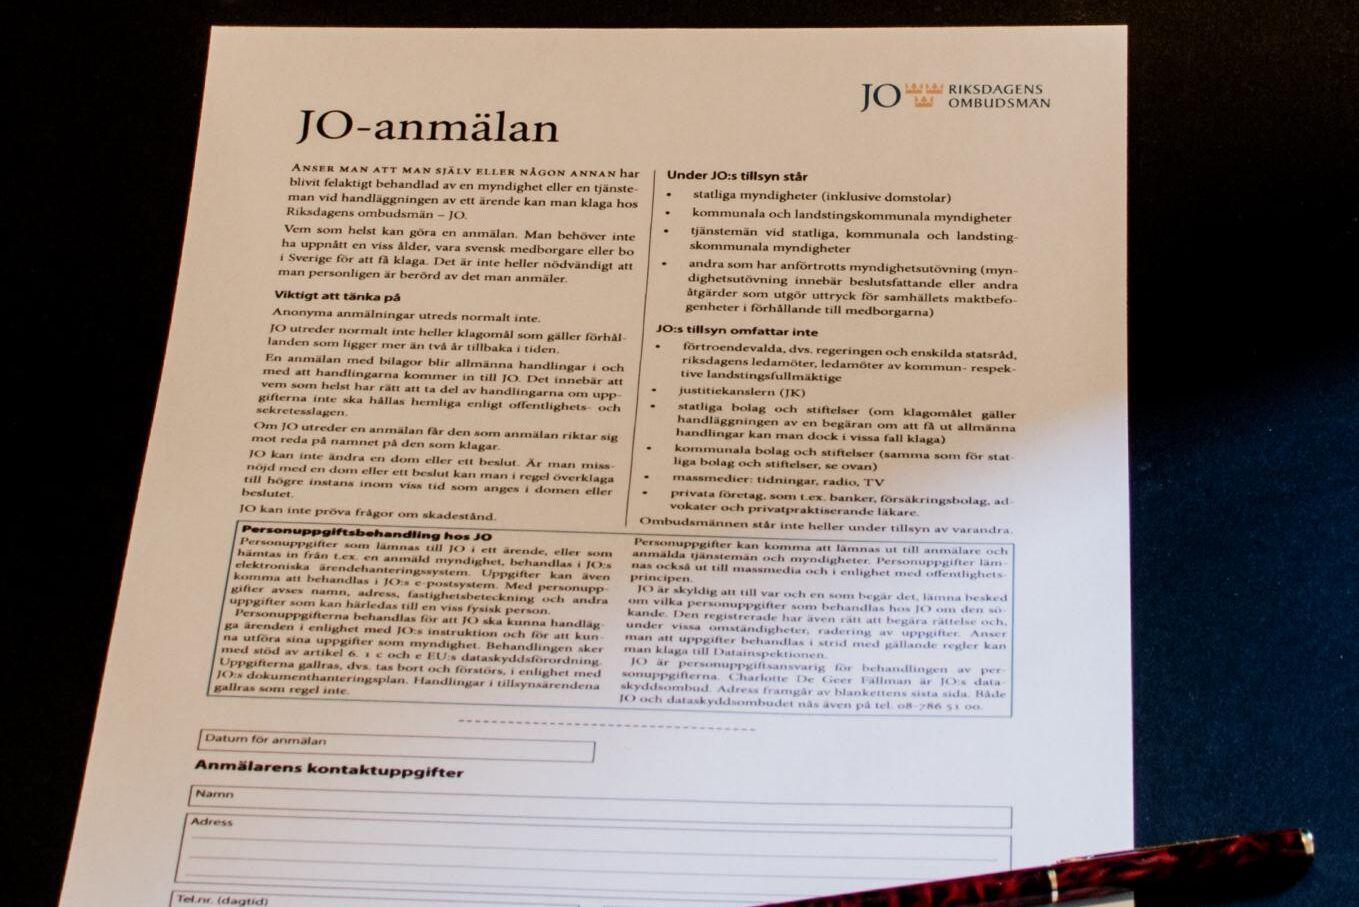 Länsstyrelsen i Gävleborg har i dagsläget blivit anmäld 27 gånger till JO men den siffran förväntas bli högre. Arkivbild.